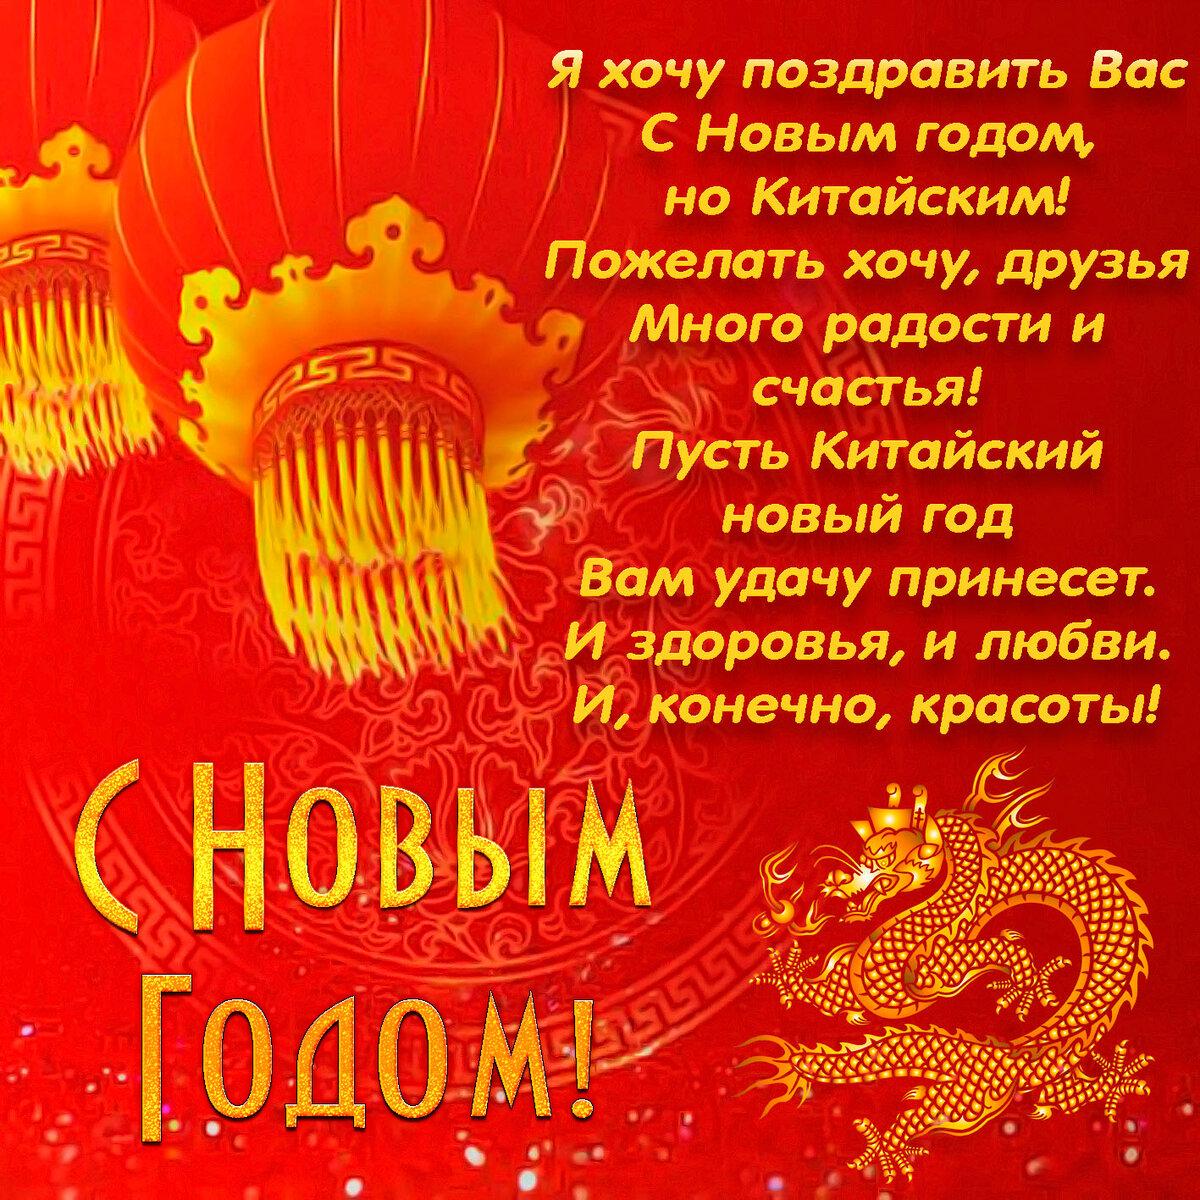 С китайским новым годом картинки